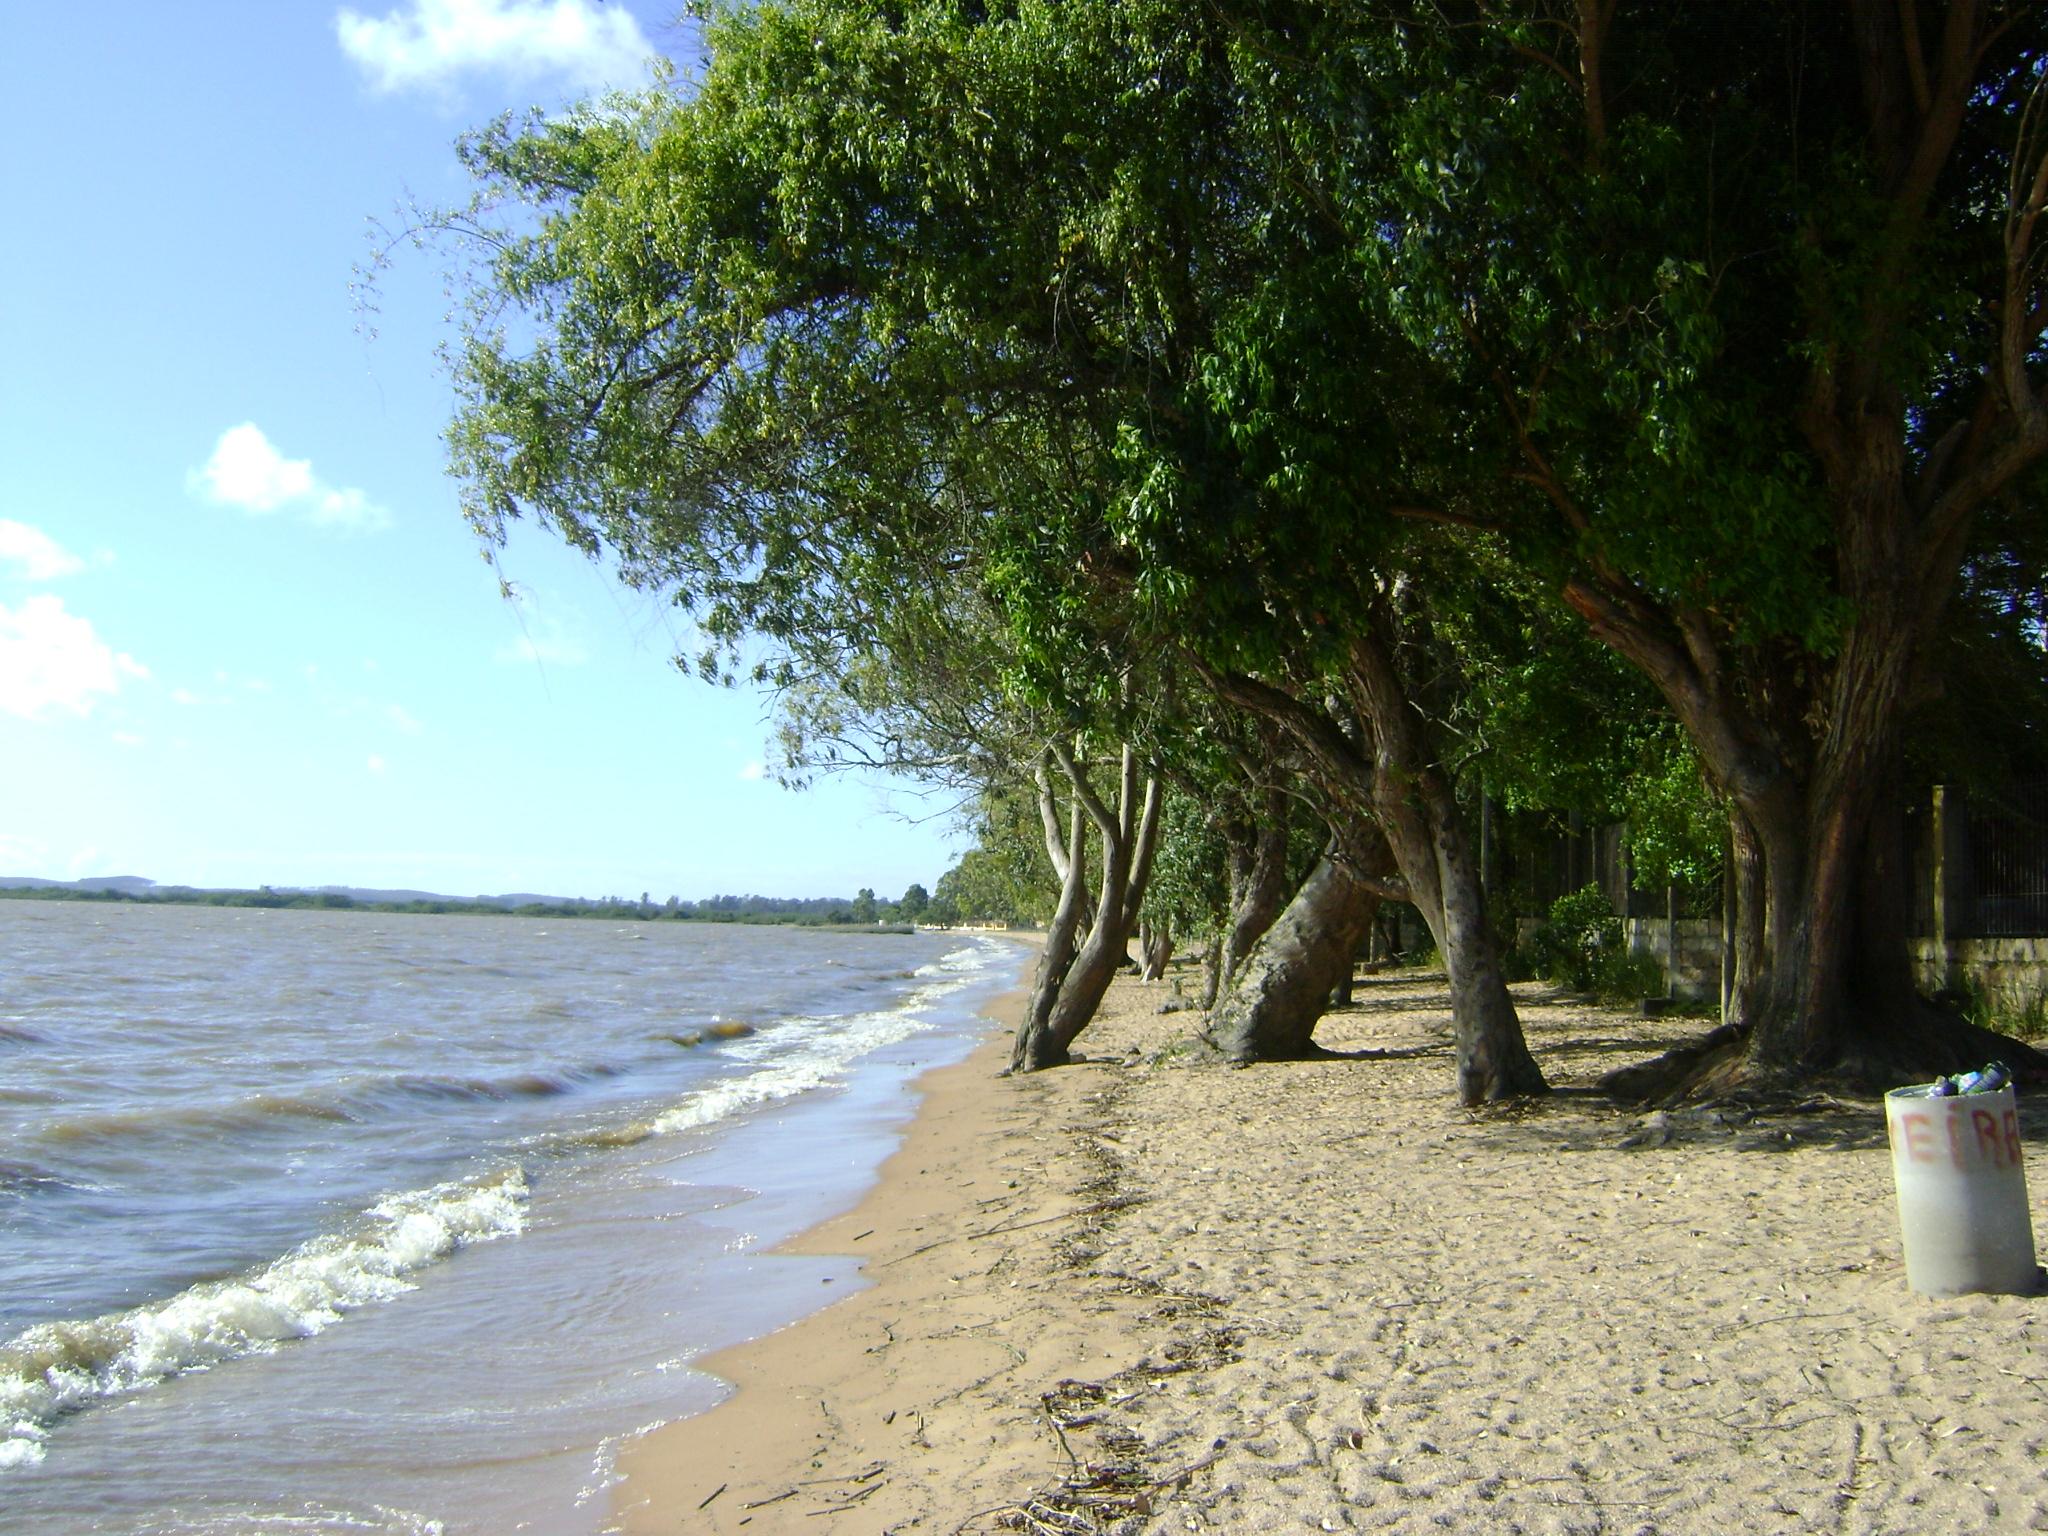 Fonte: portoimagem.files.wordpress.com